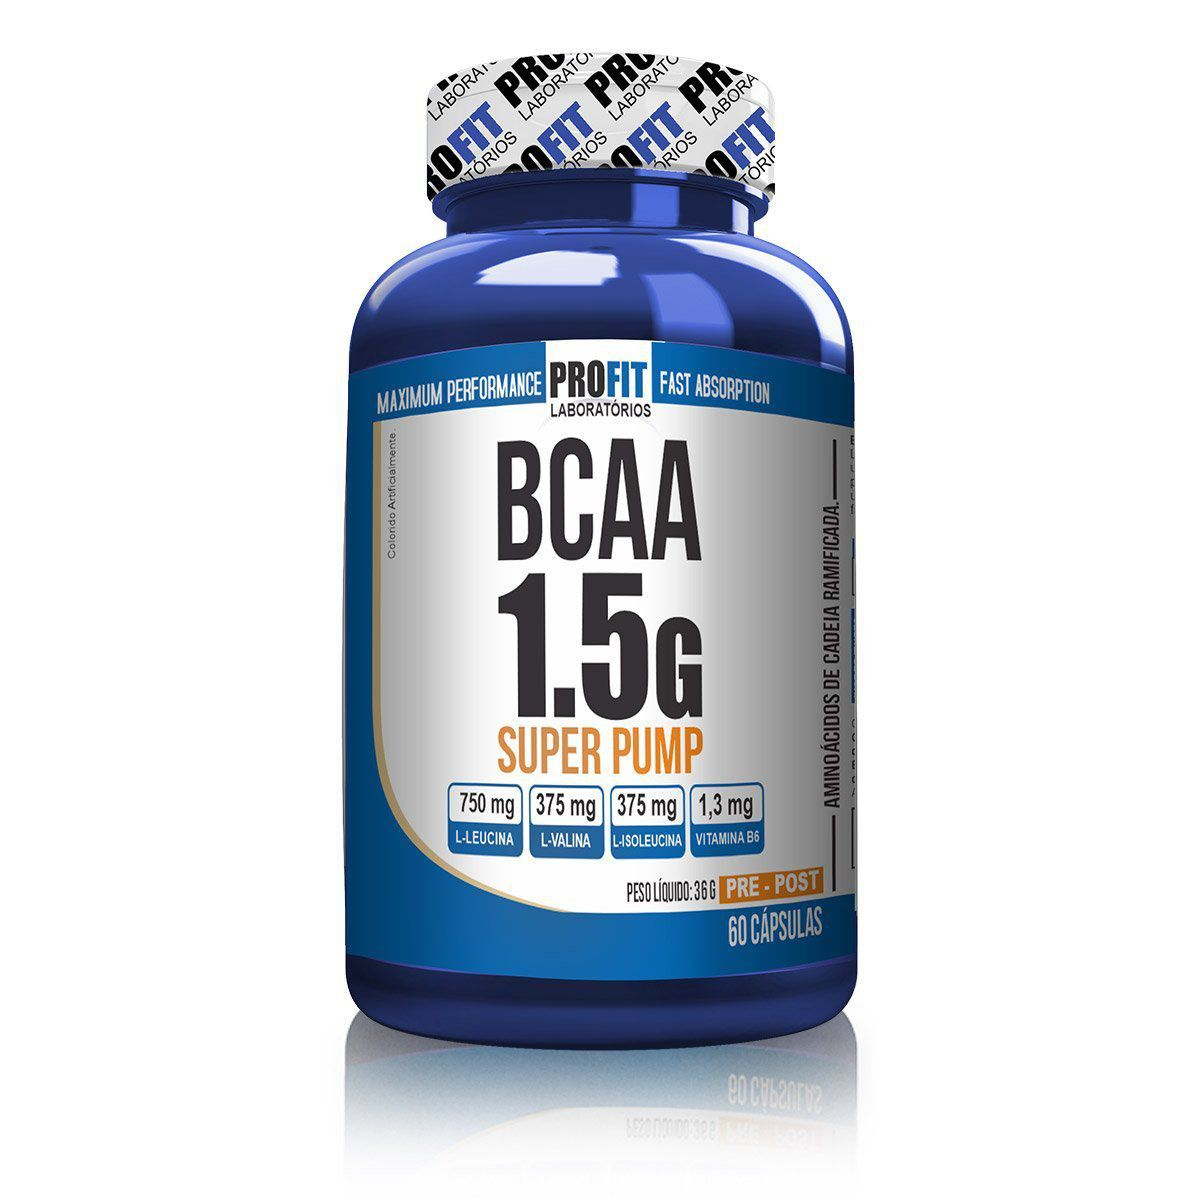 BCAA 1.5 G SUPER PUMP 60 CAPS